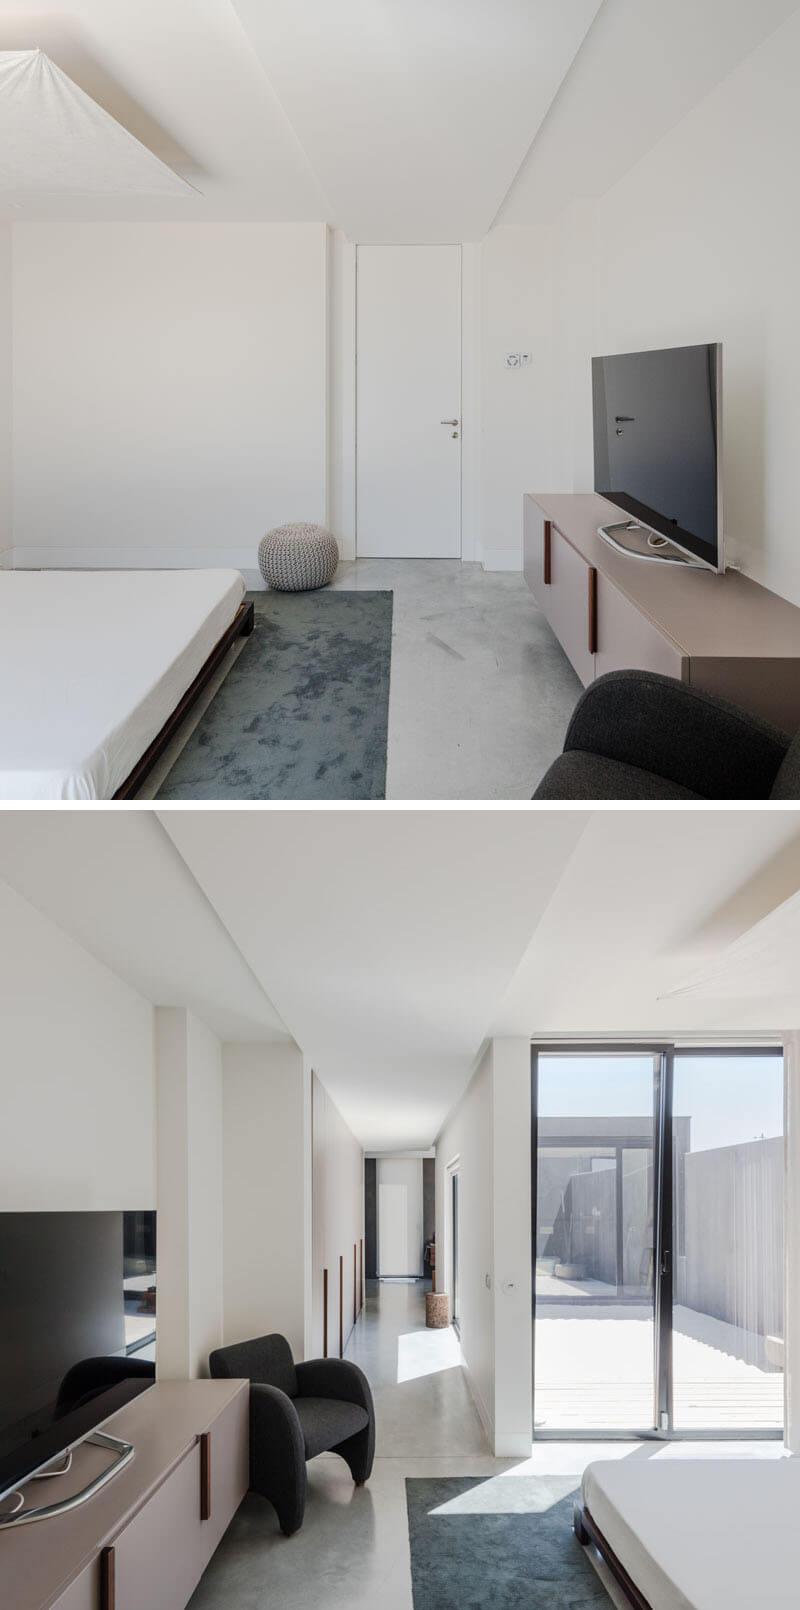 quarto minimalista arquitetura portugal